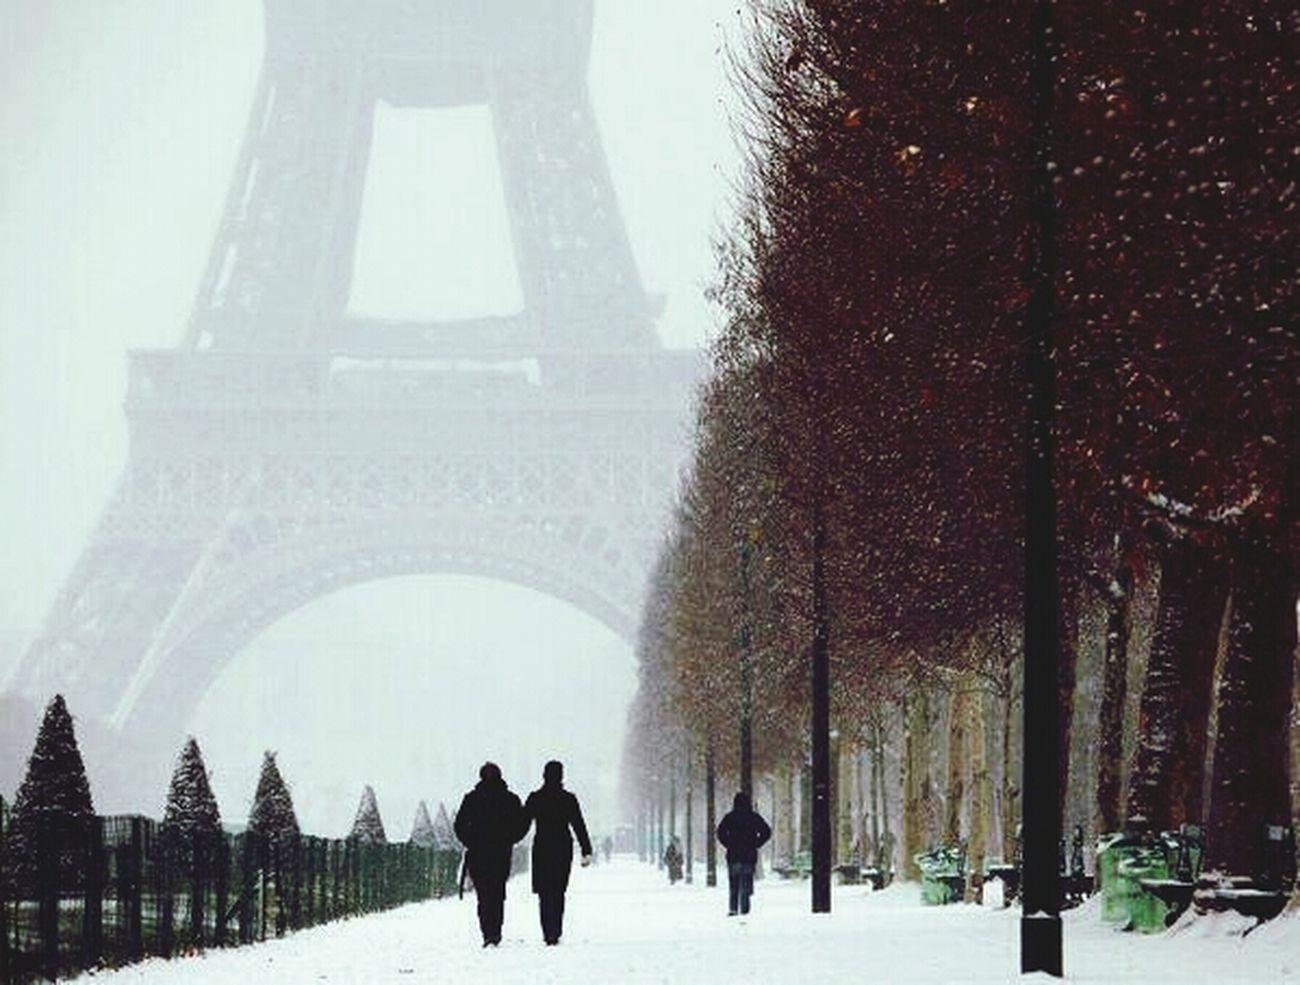 Paris' te bir kış günü Rainy Day